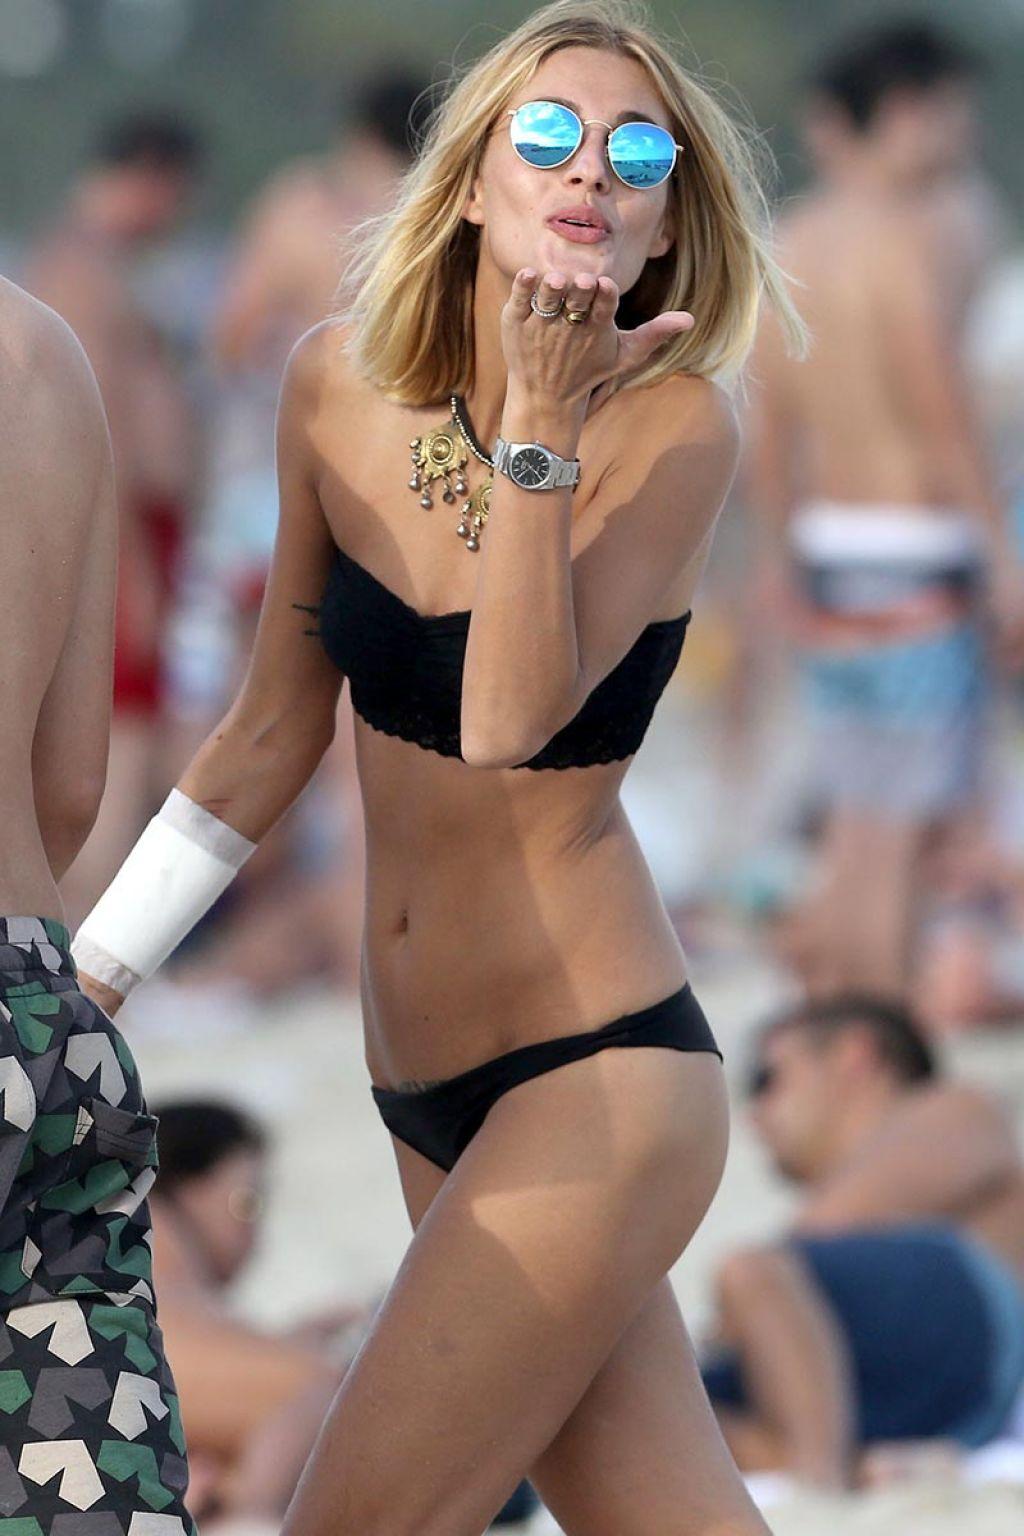 Sveva Alviti in Black Bikini On The Beach In Miami - December 2014